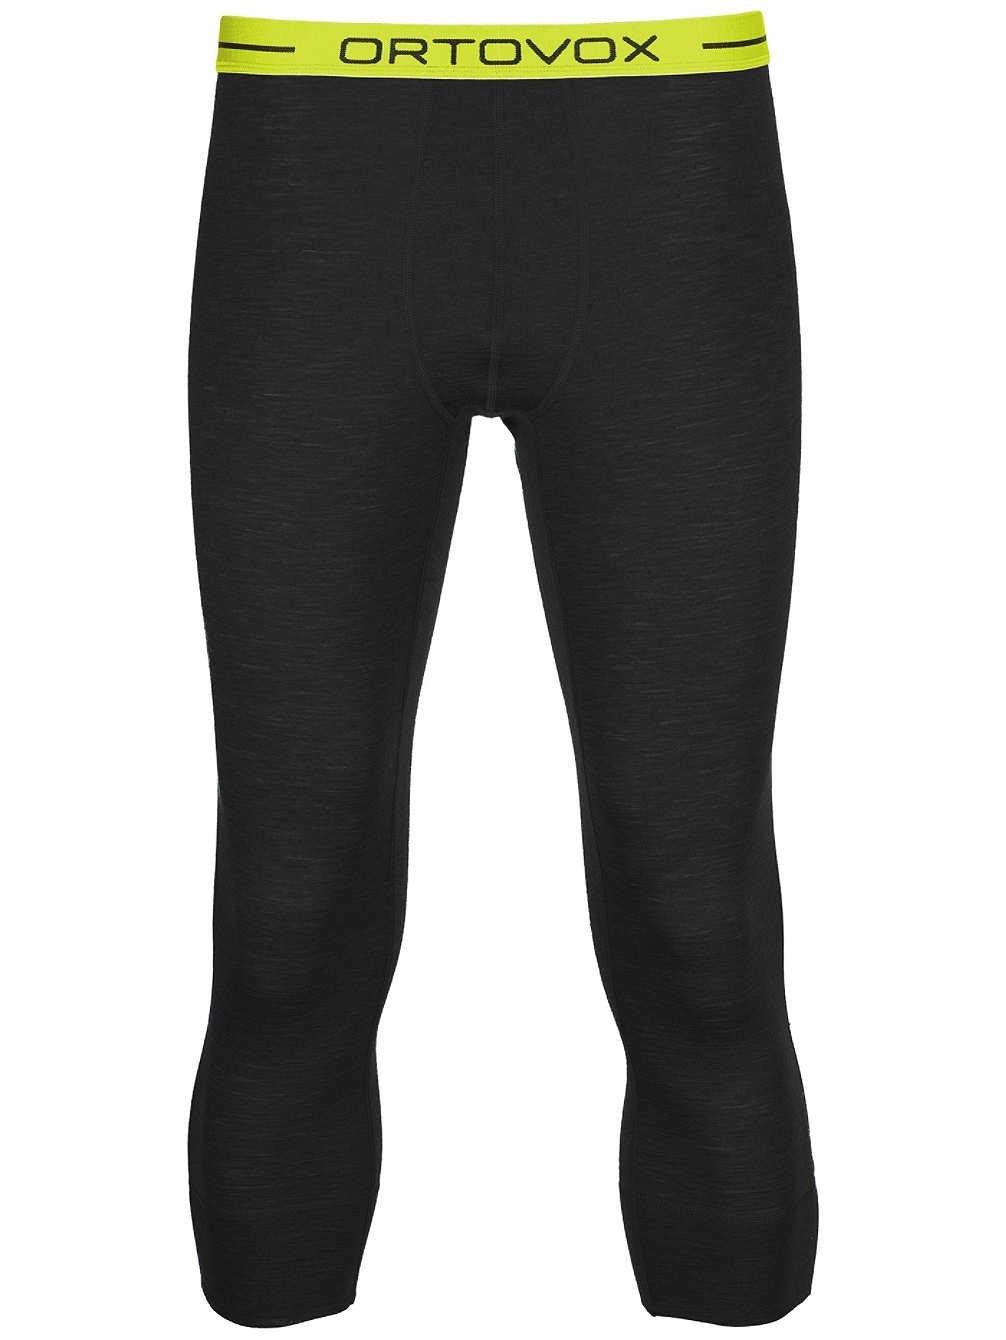 Homme Ortovox 105/Ultra Short Pants M Pantalon Thermique